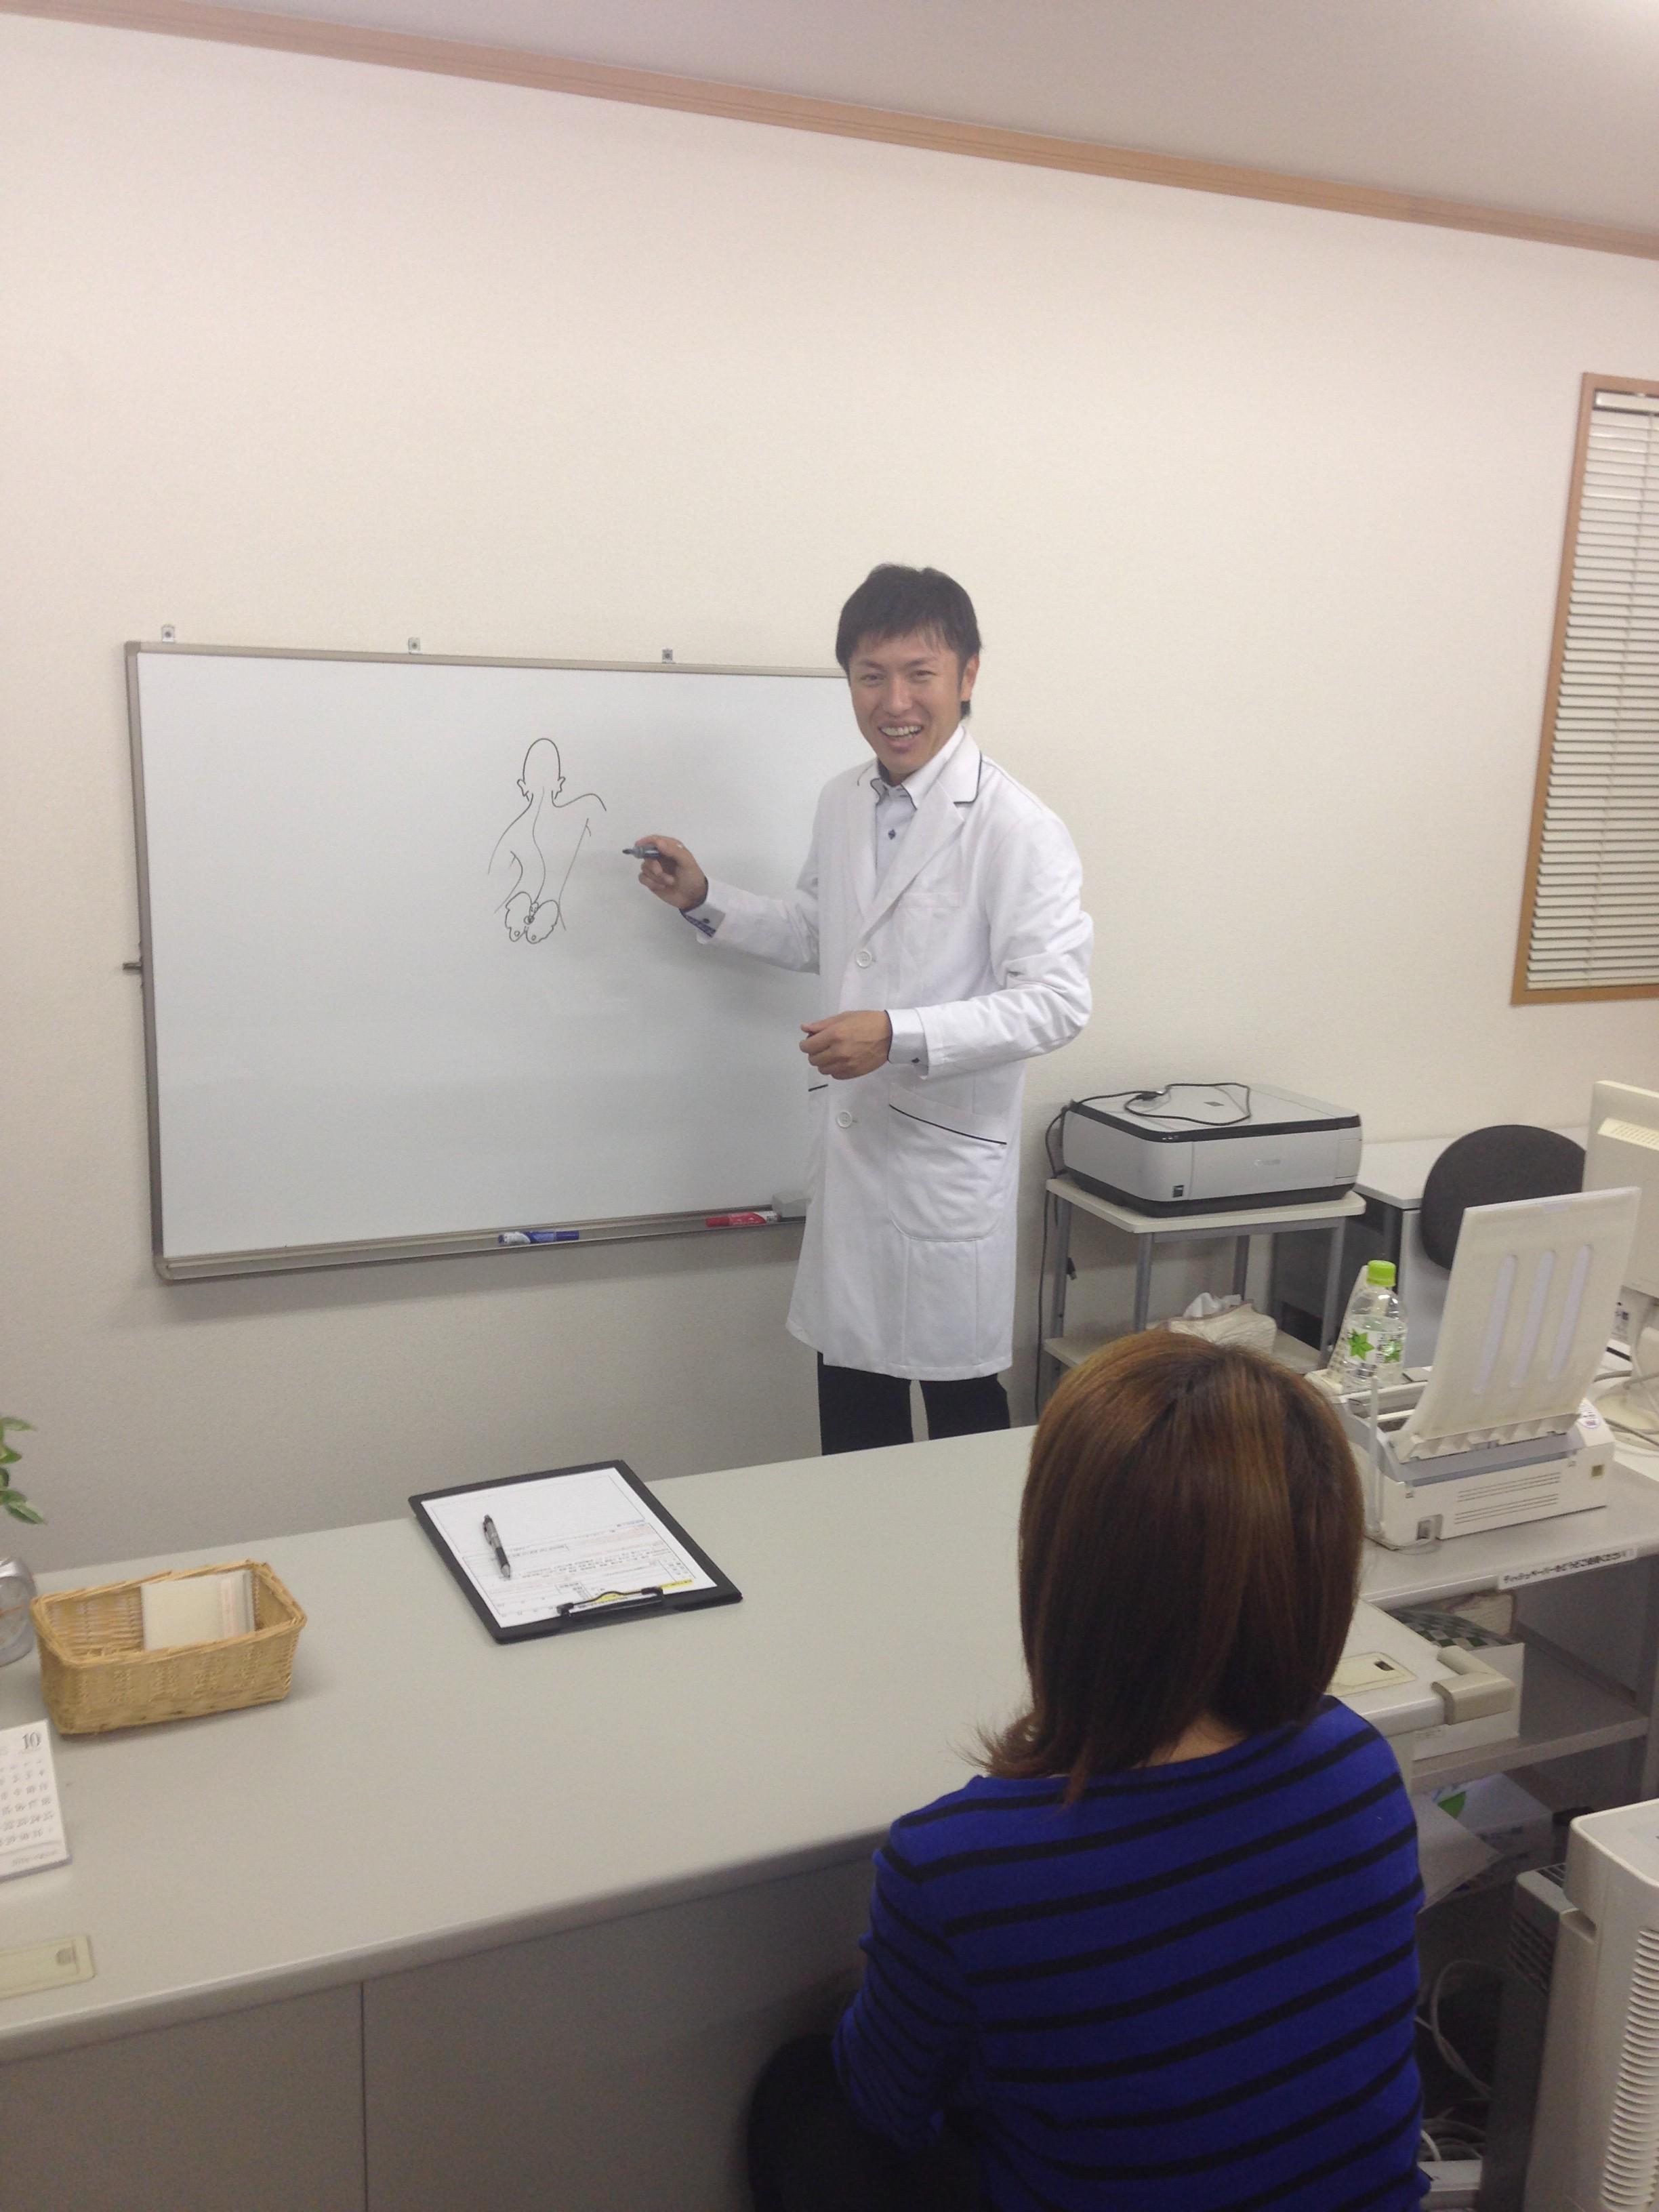 滋賀大津カイロプラクティック 治療家プロフィール